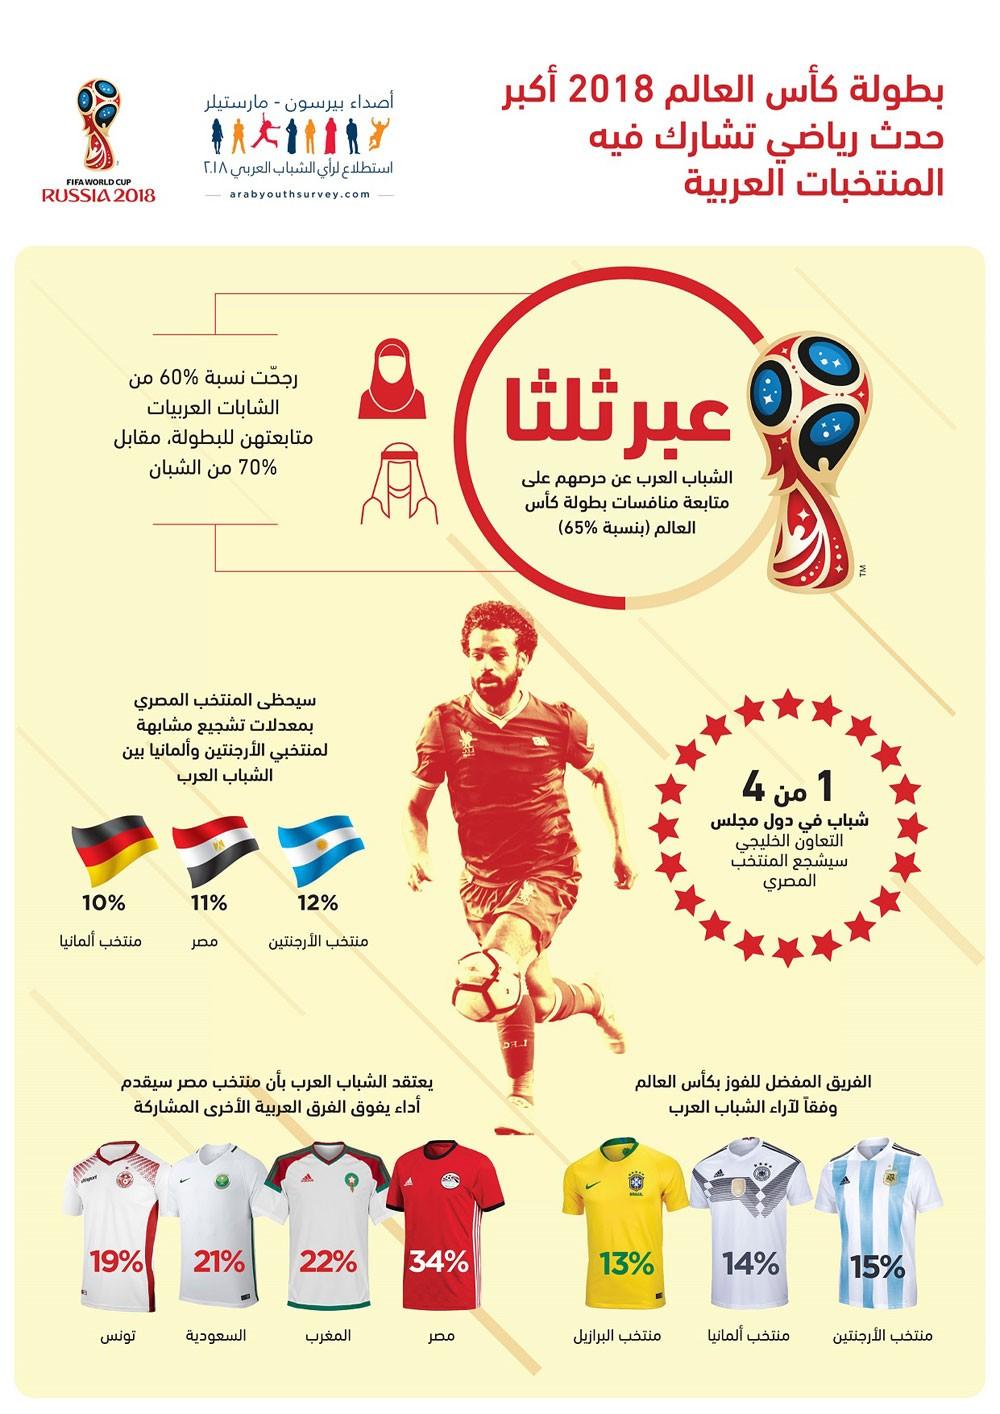 الشباب العرب يعلقون على المنتخب المصري آمالاً كبيرة في كأس العالم